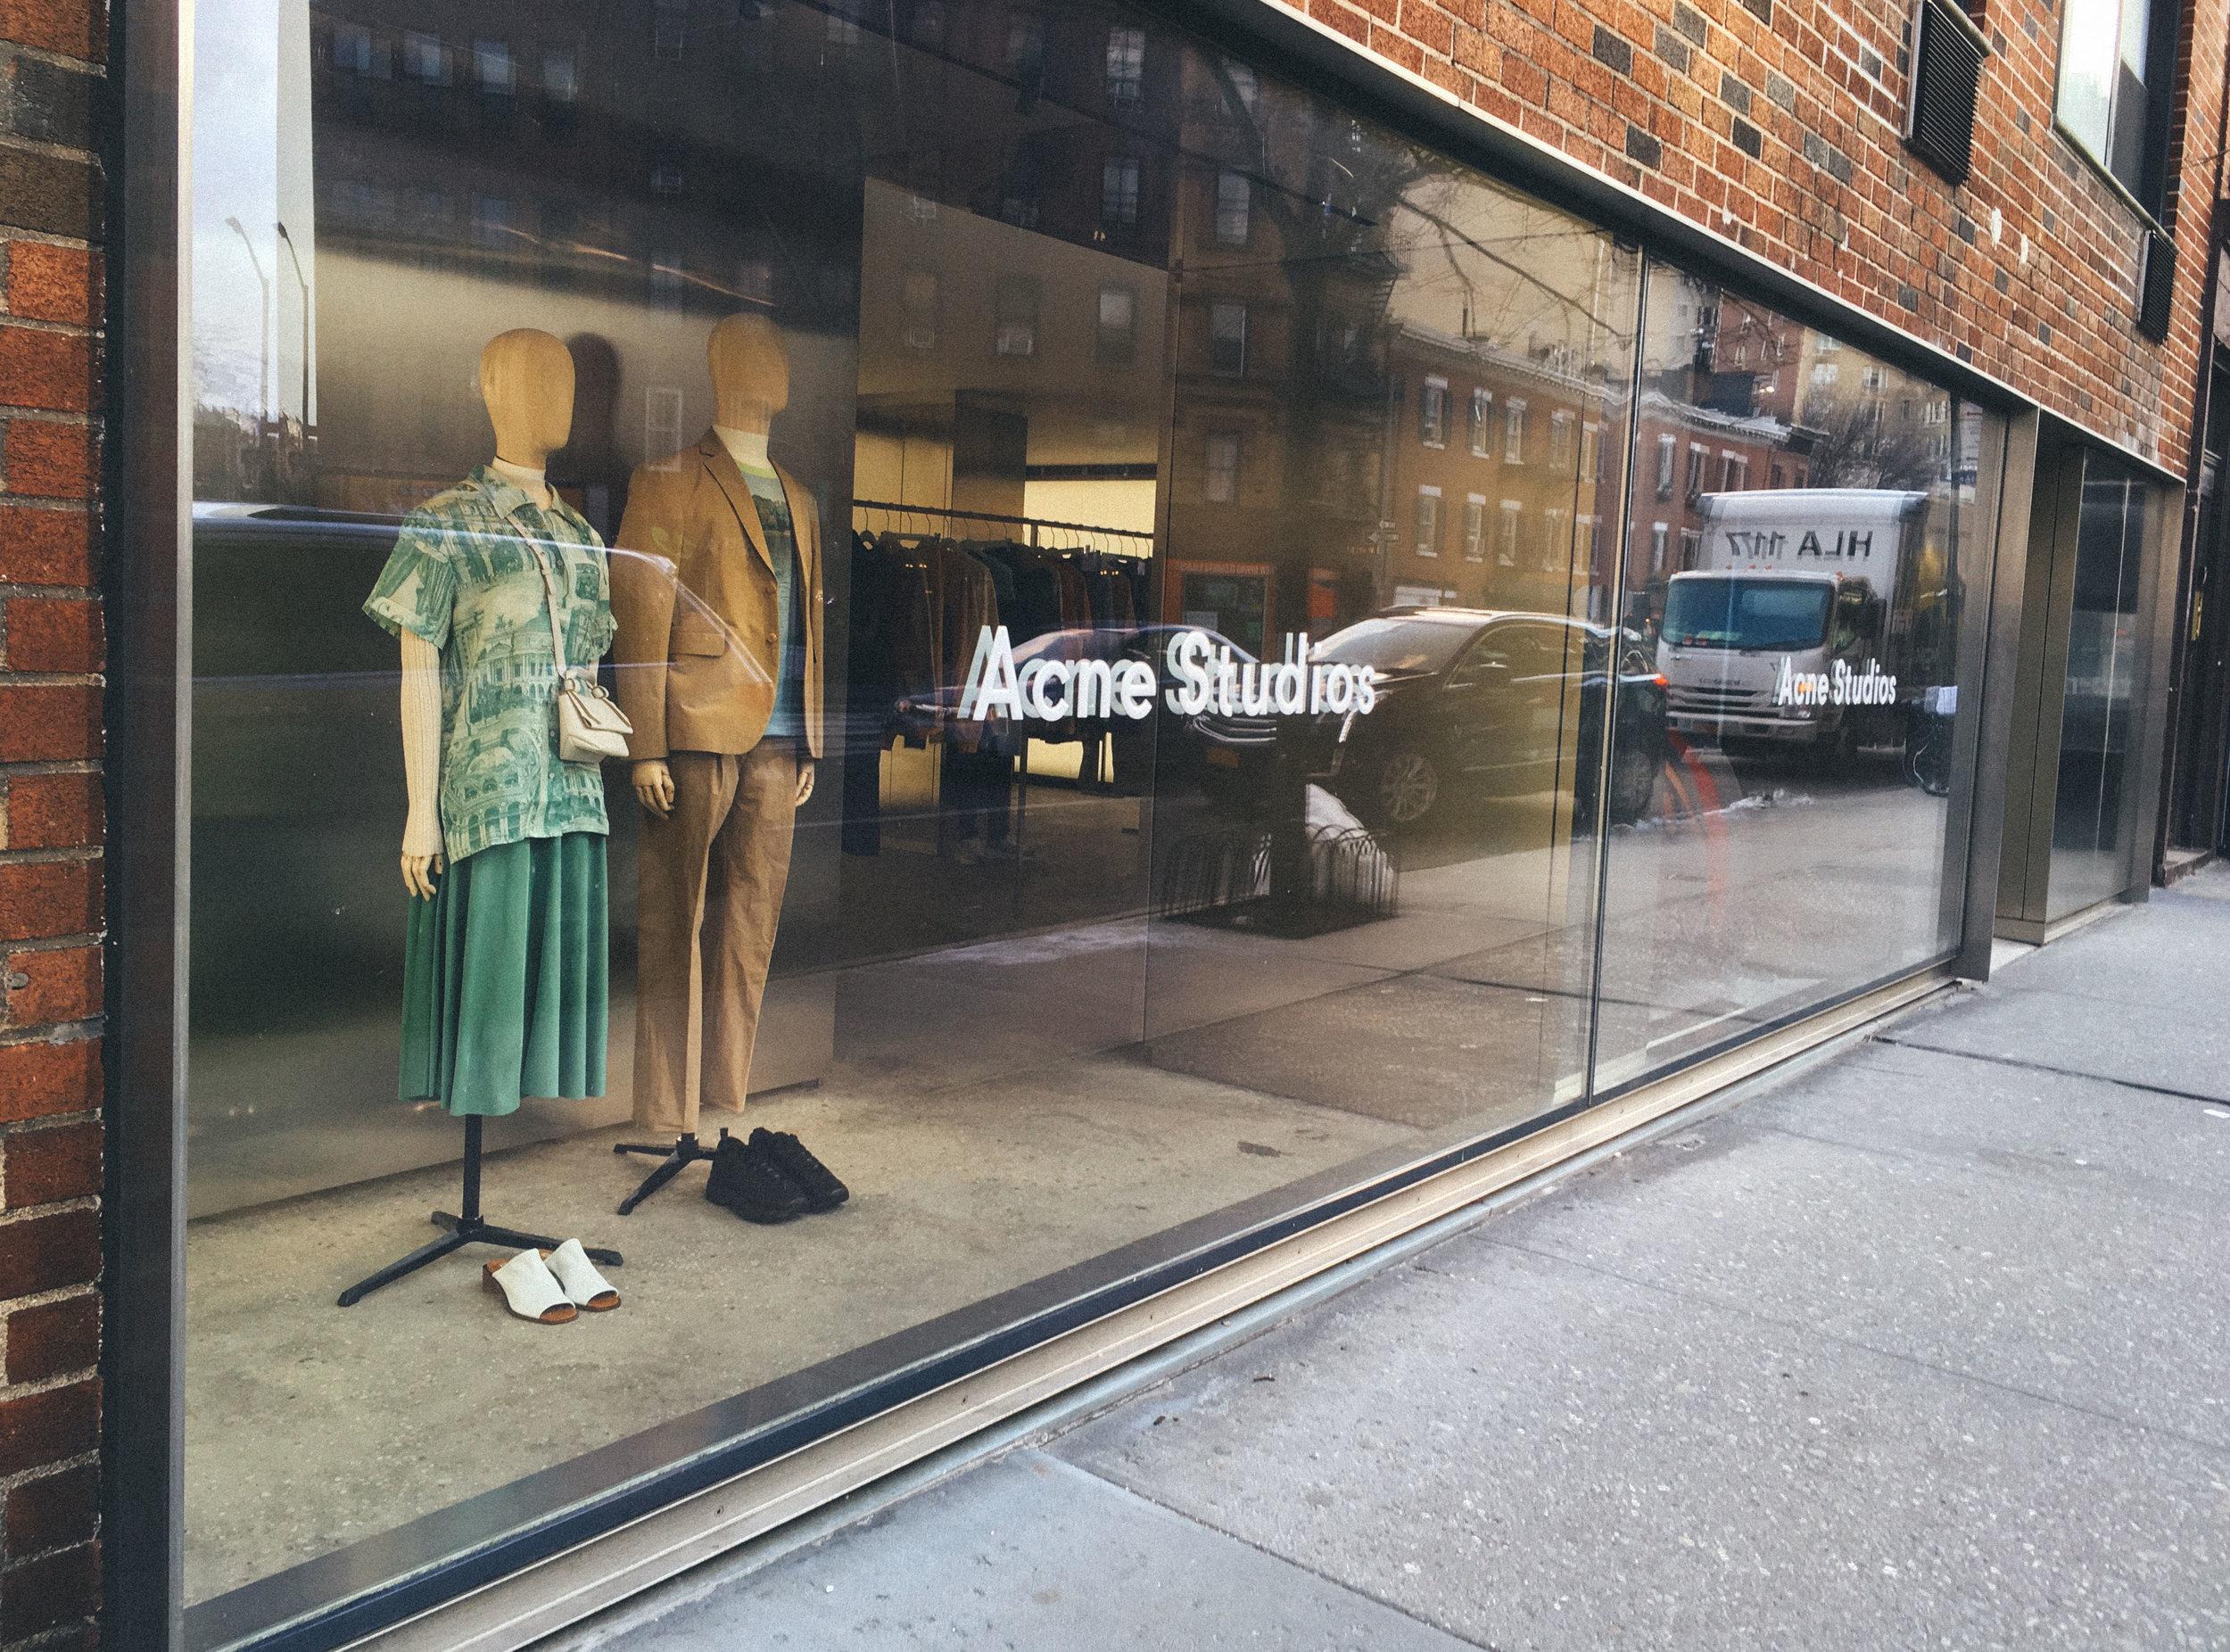 Acne Studio New York